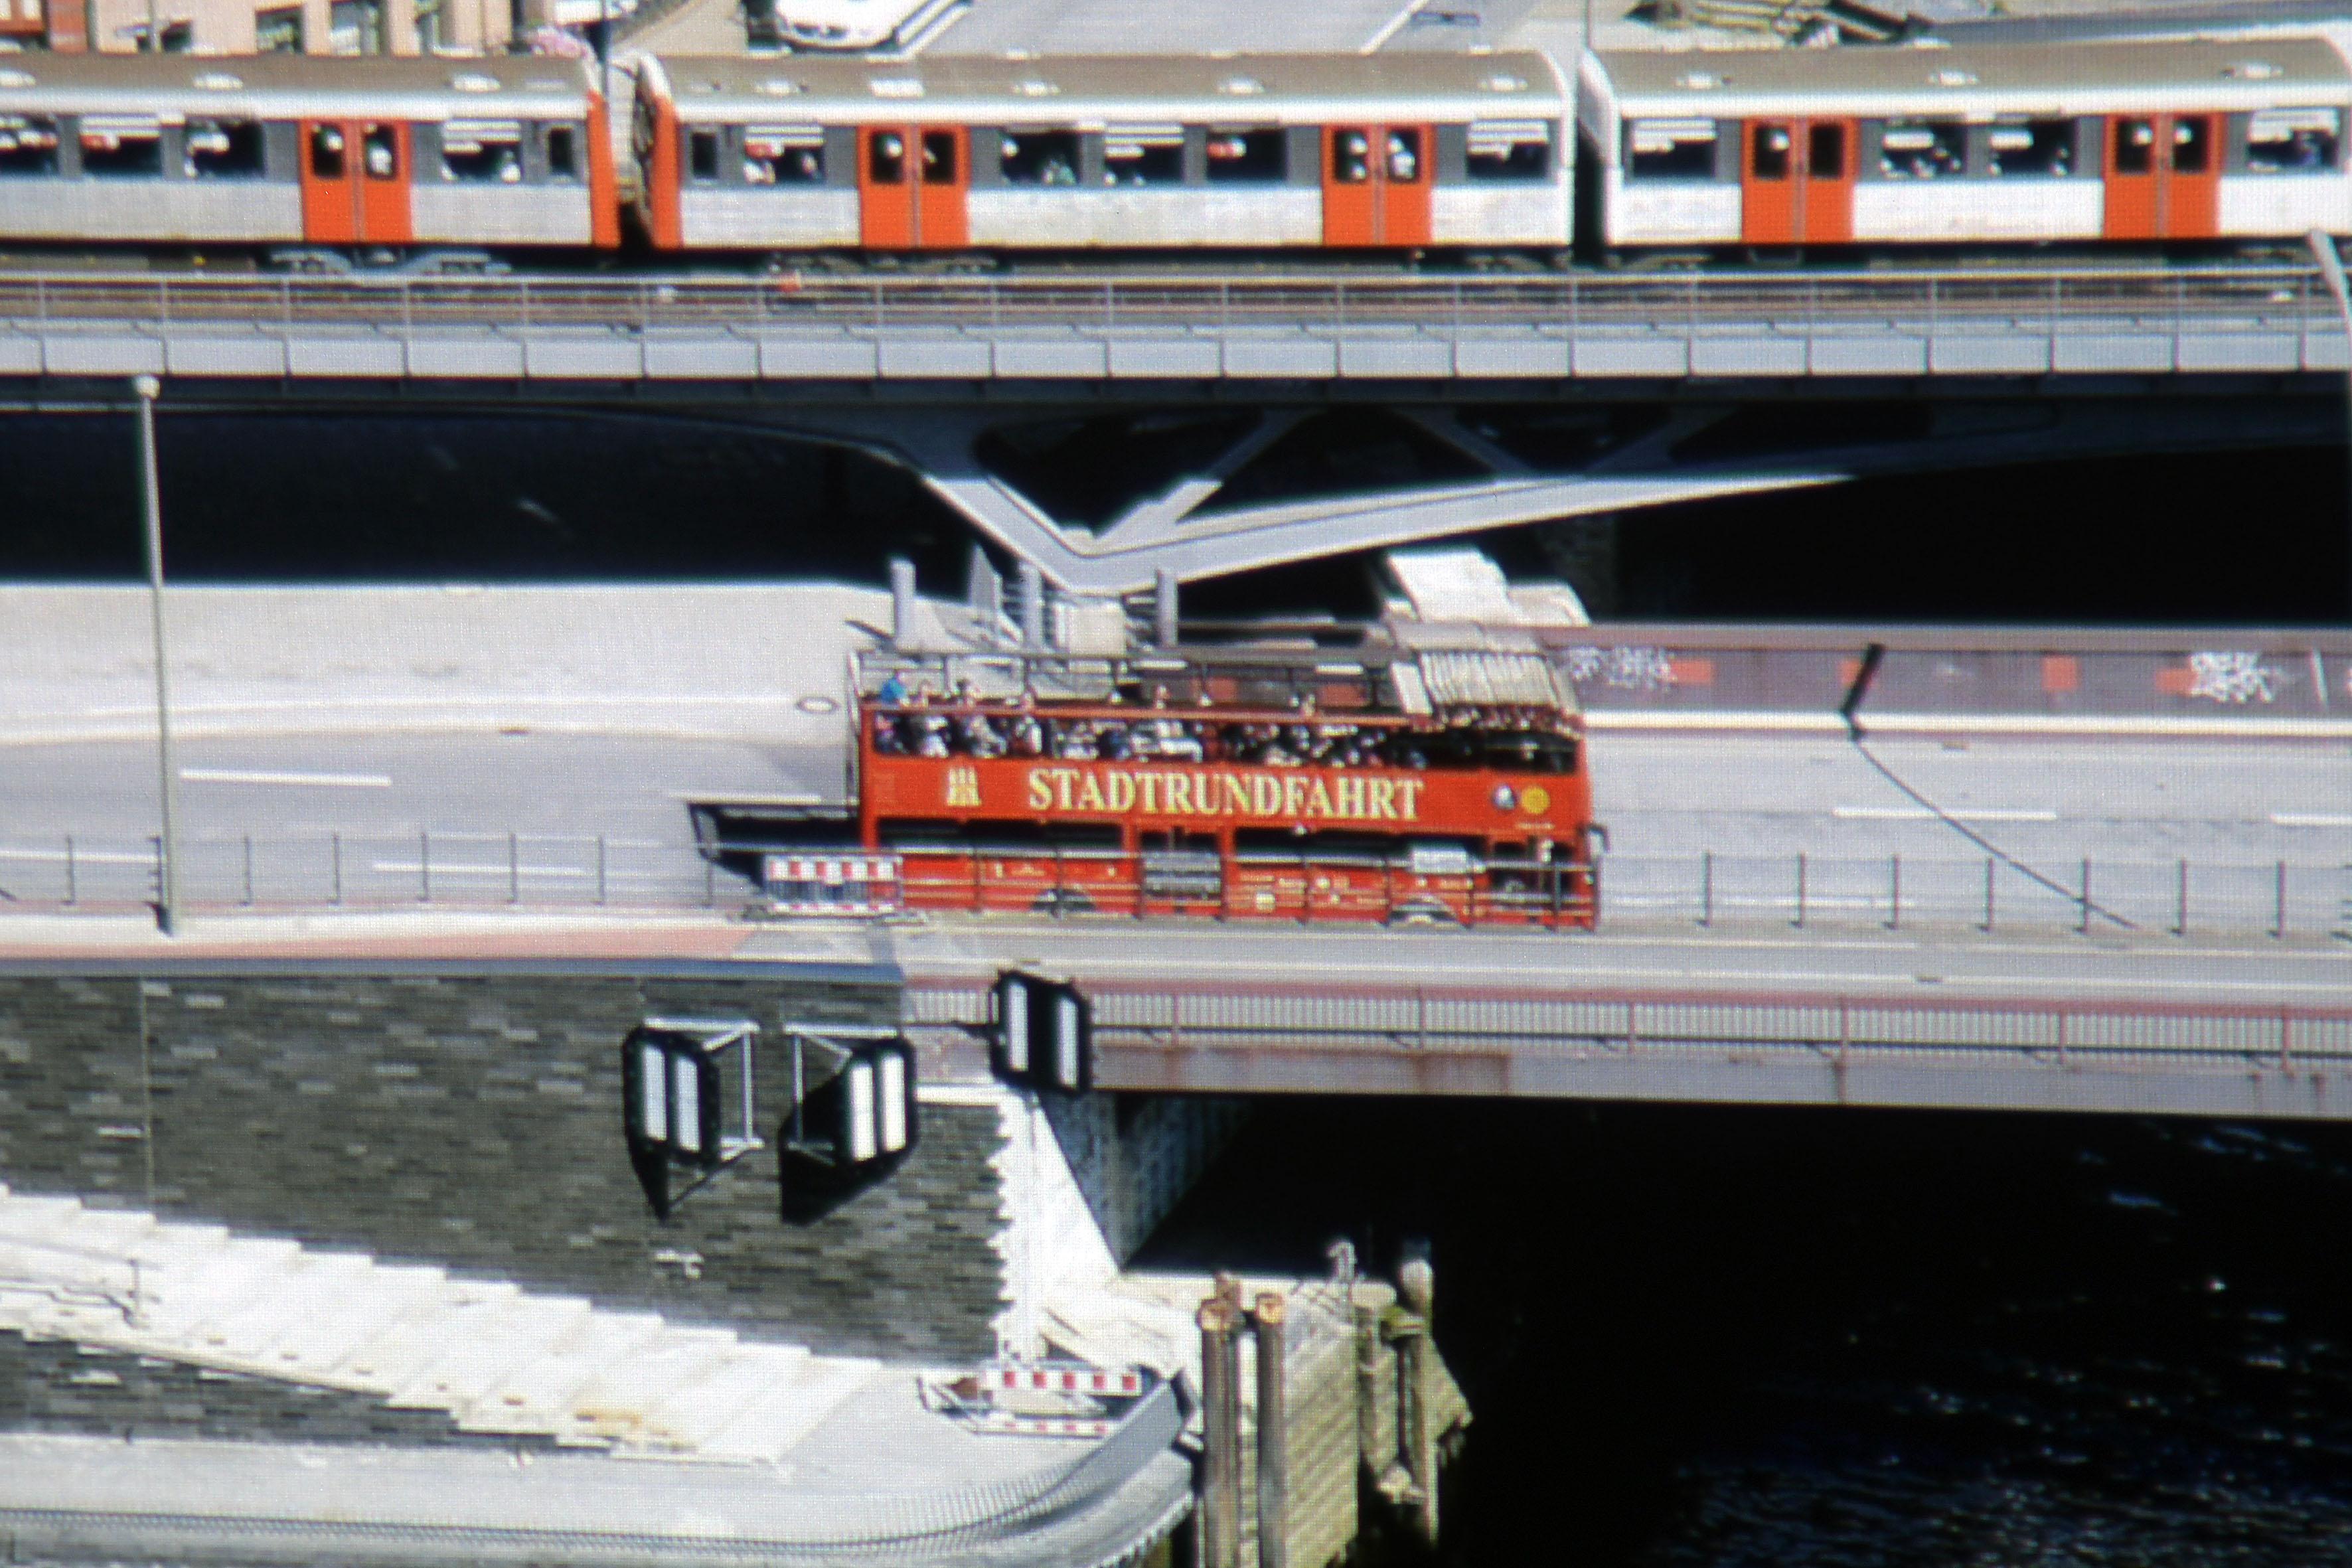 """Foto: Michael B. Rehders (Originalaufnahme) In der Ausschnittsvergrößerung des Screenshots sieht der Asphalt völlig farbneutral aus. Die orangefarbigen U-Bahntüren werden originalgetreu reproduziert. Der hellrote Doppeldecker stellt den Schriftzug """"STADTRUNDFAHRT"""" und das Wappen links daneben vollständig und farbkorrekt dar. Die Durchzeichnung gelingt dem BenQ TK800 außerordentlich gut. Unter der Brücke ist das blaue Wasser klar zu sehen."""